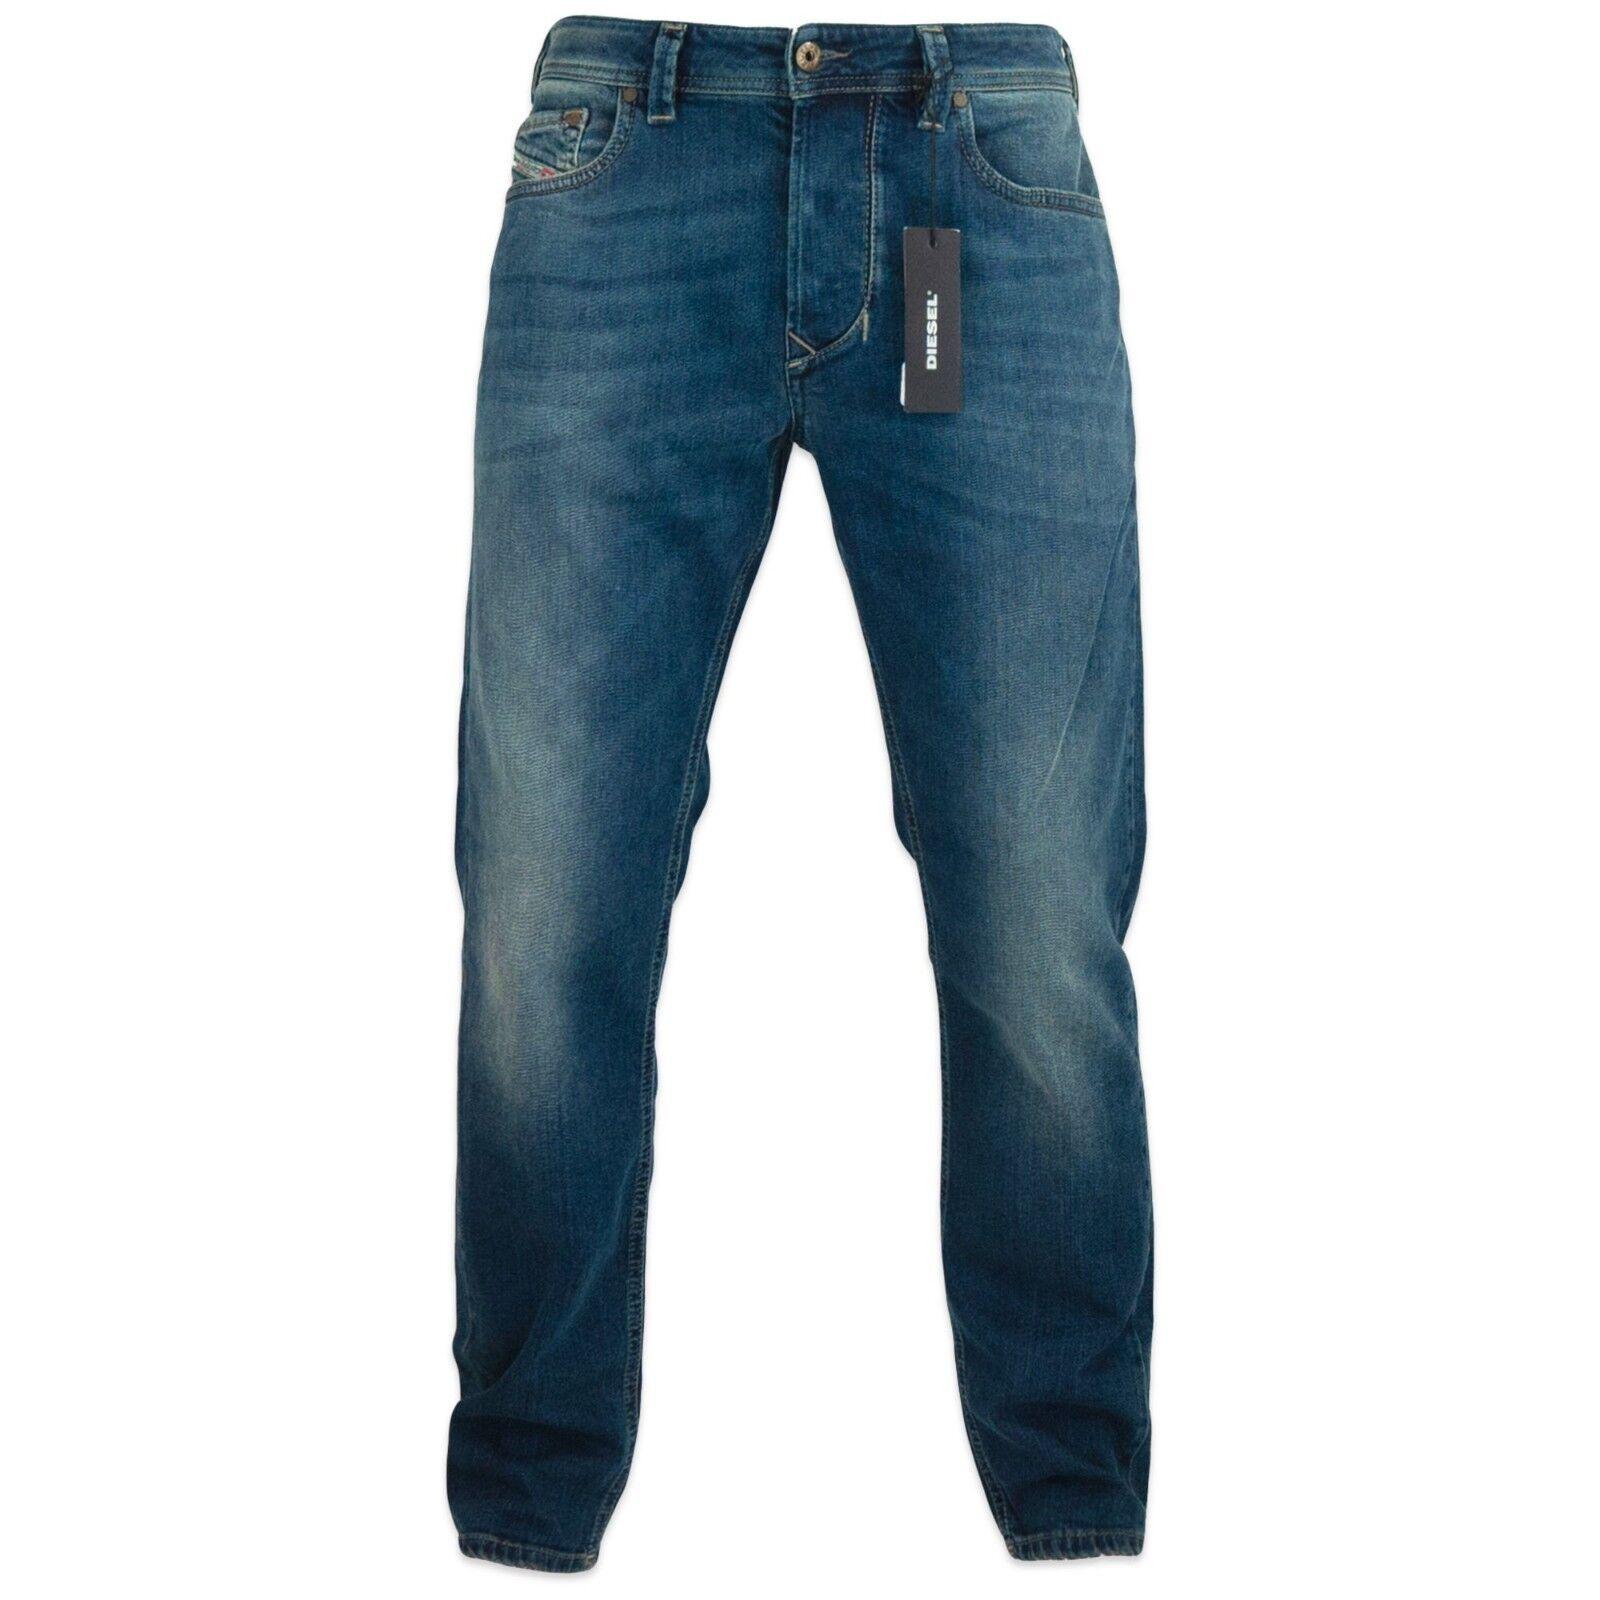 Diesel Jeans - Men's Diesel Larkee-Beex Tapered Fit Jeans - 084BU - BNWT